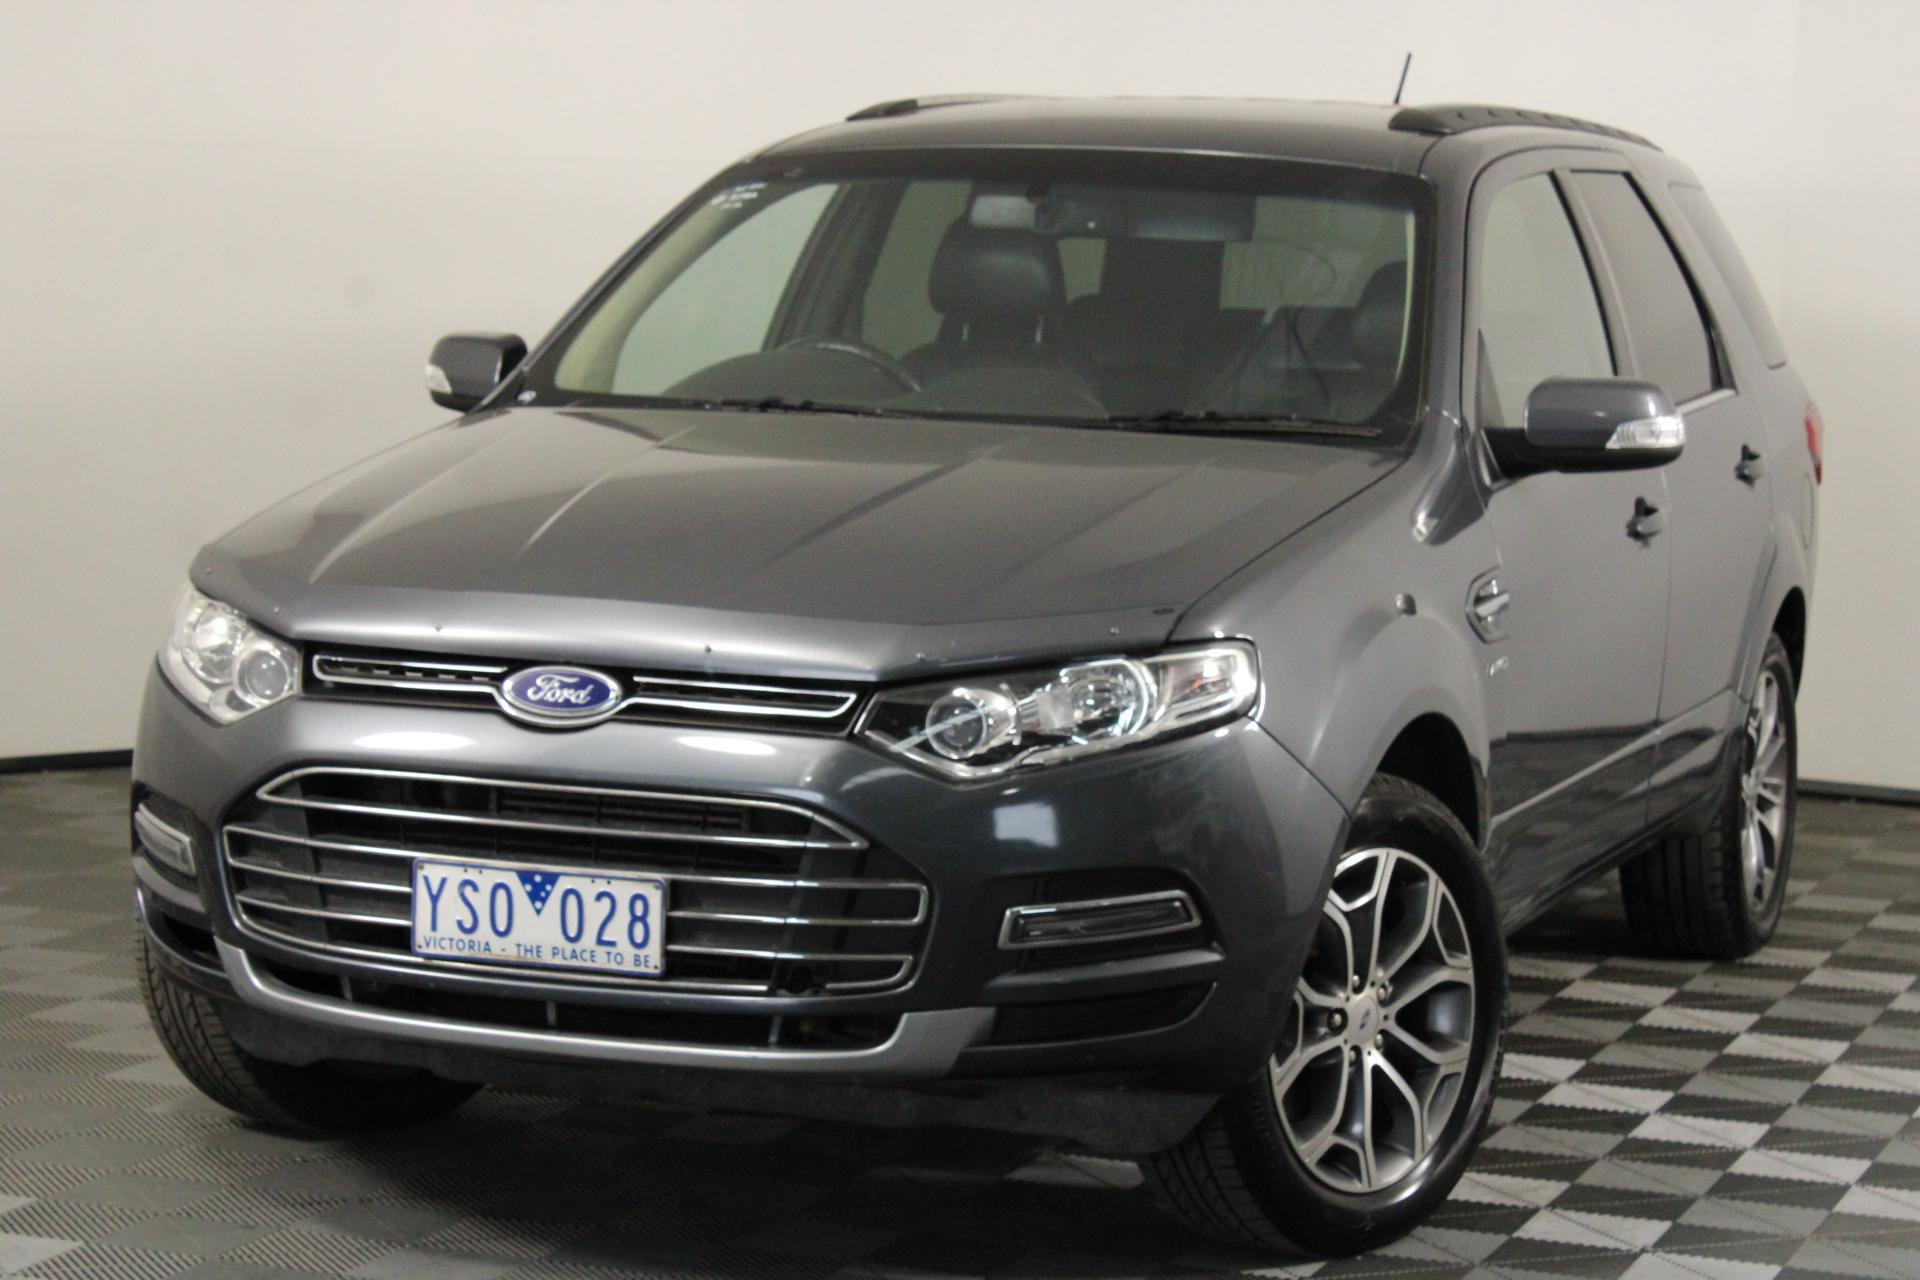 2011 Ford Territory Titanium (4x4) SZ Turbo Diesel Automatic 7 Seats Wagon